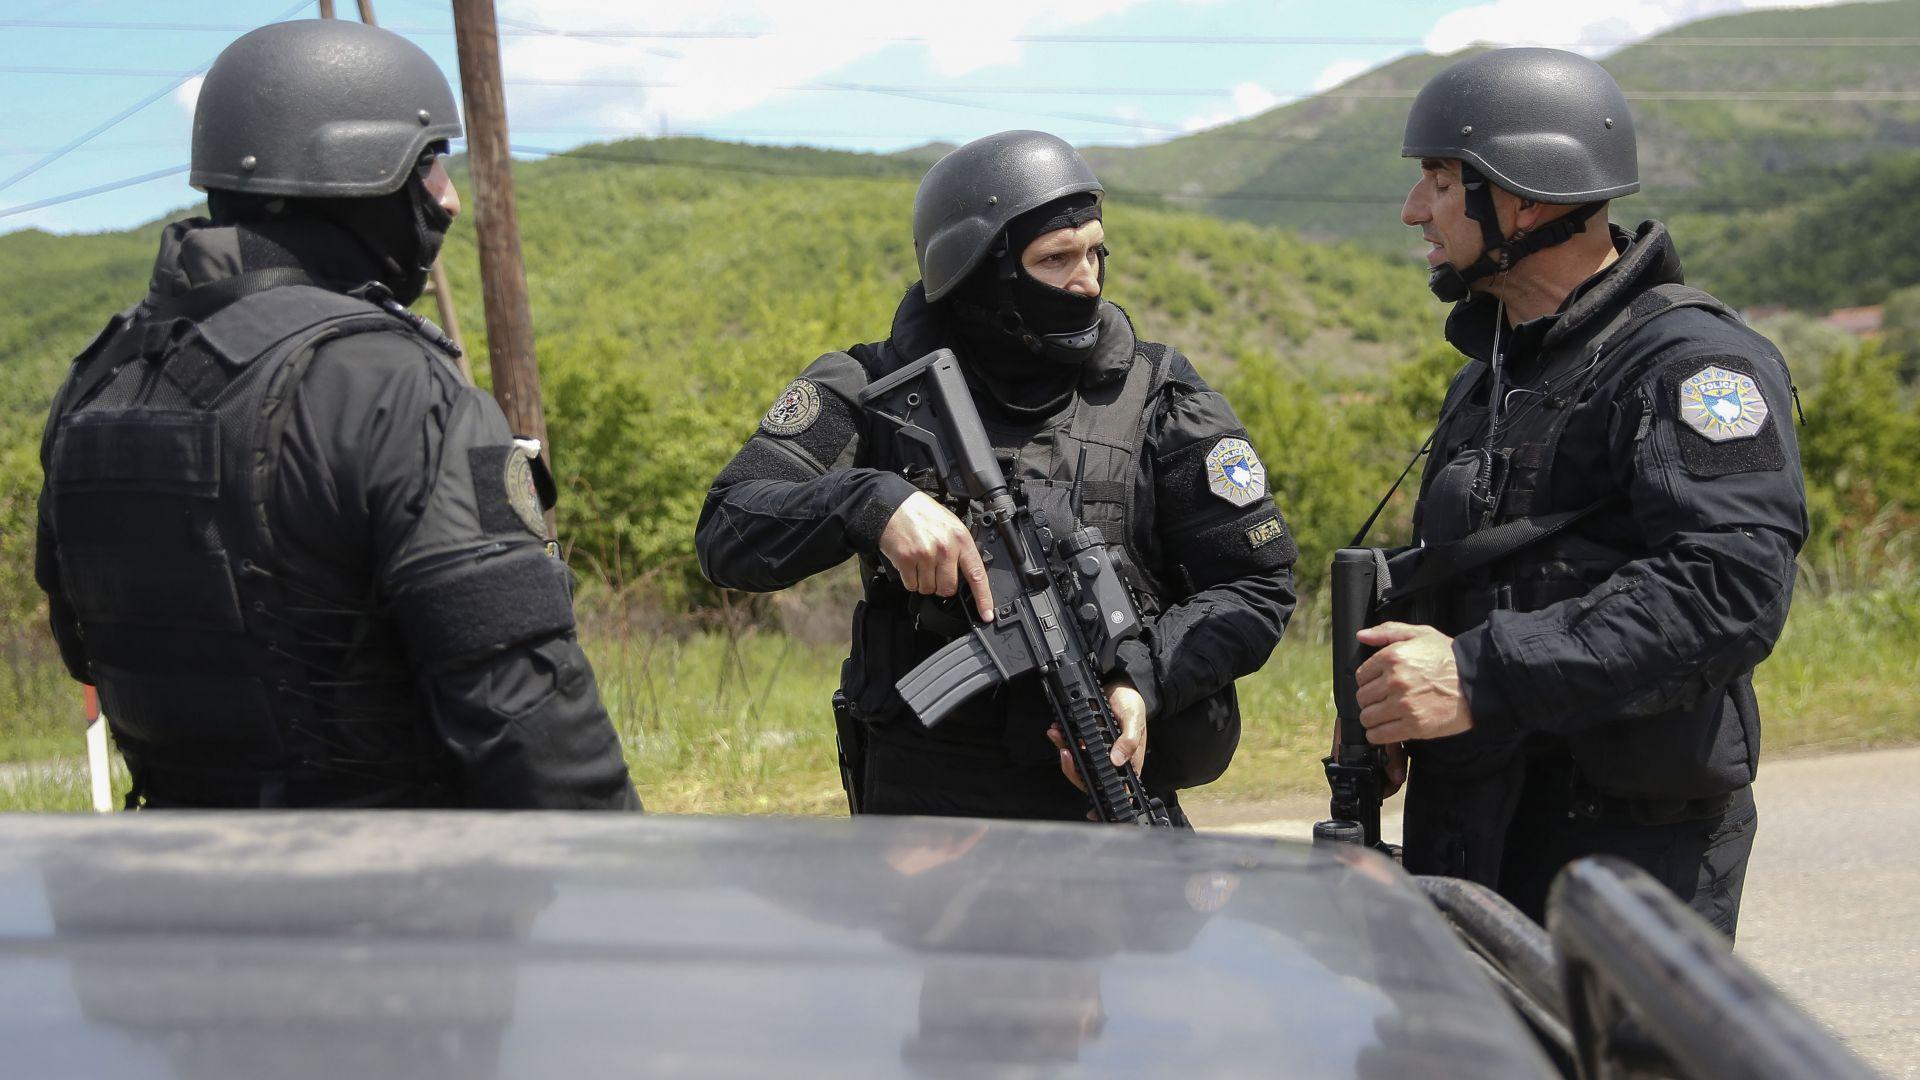 Руският дипломат, освободен след ареста в Косово, е с тежки травми по главата